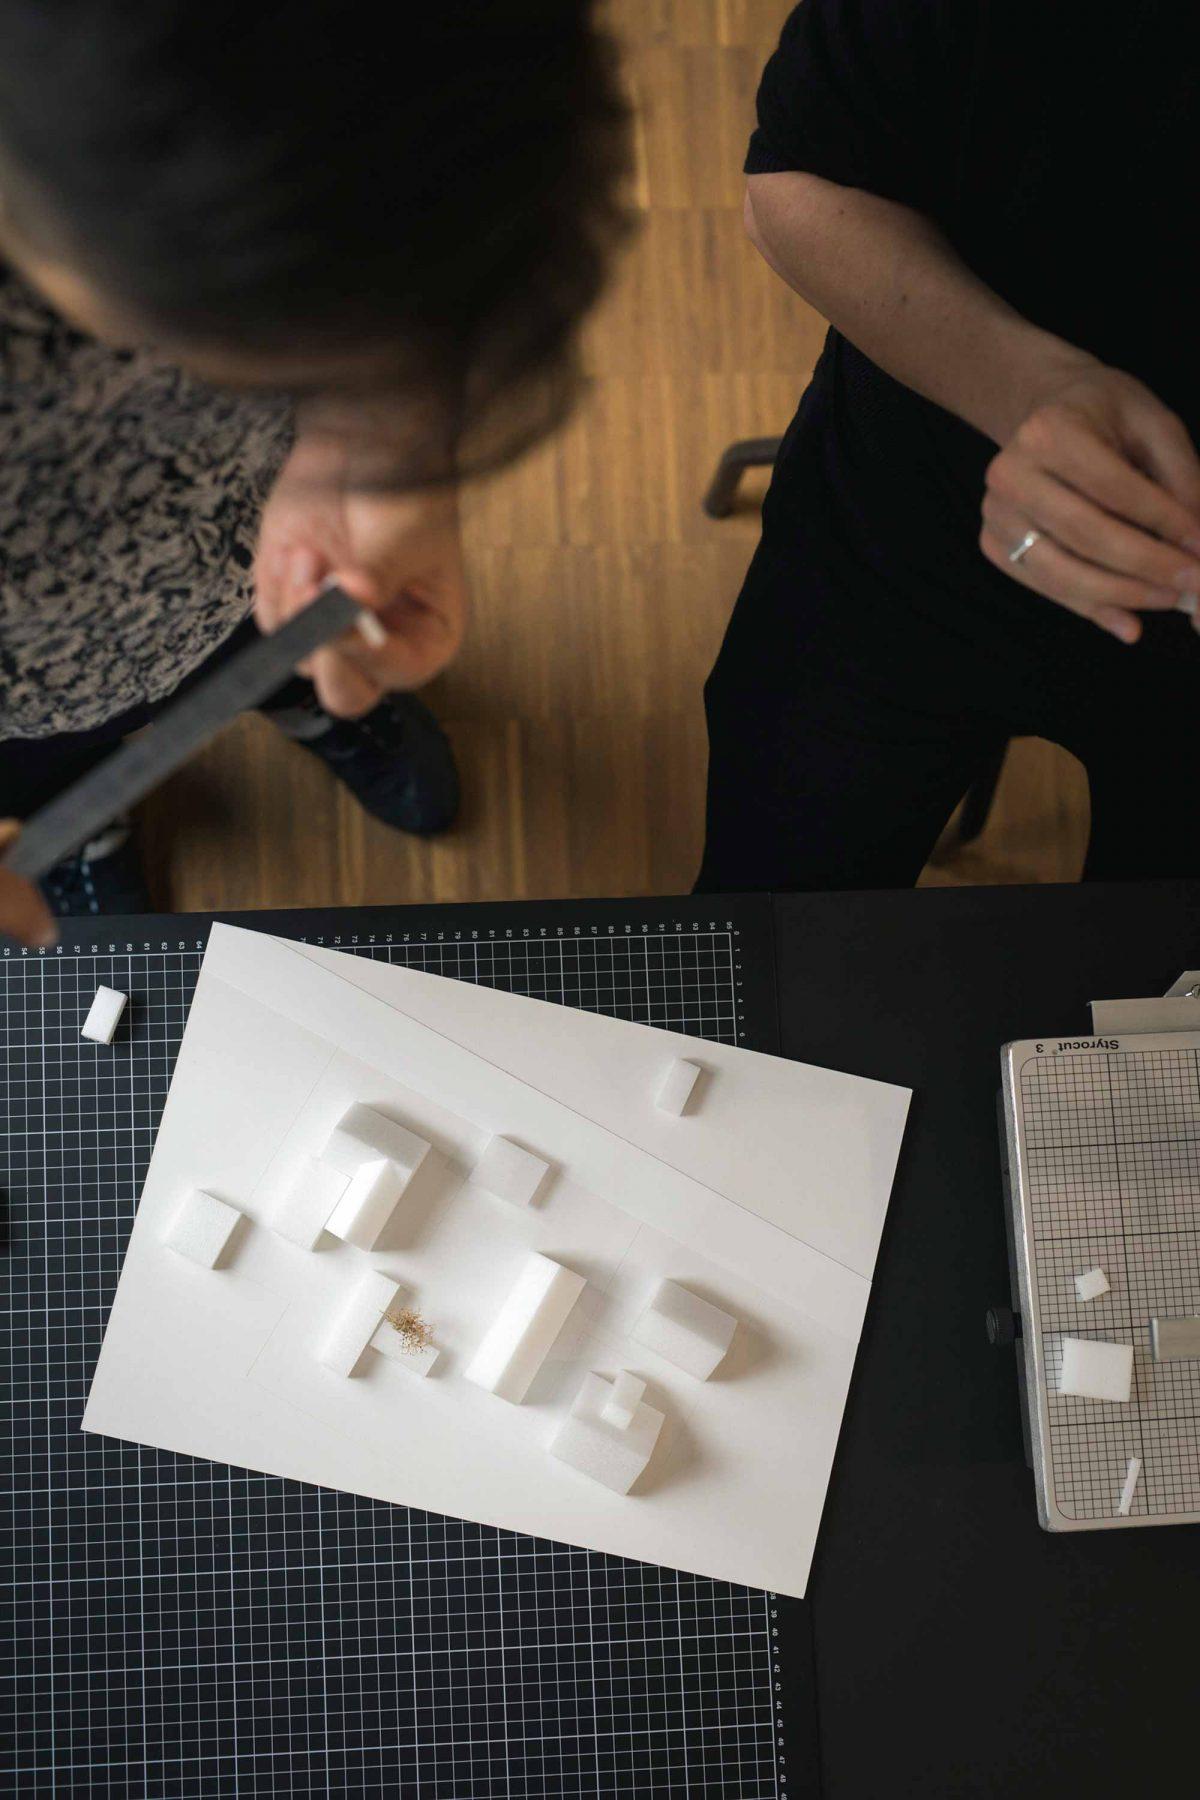 Modellbauarbeiten in der Bermüller+Niemeyer Architekturwerkstatt.